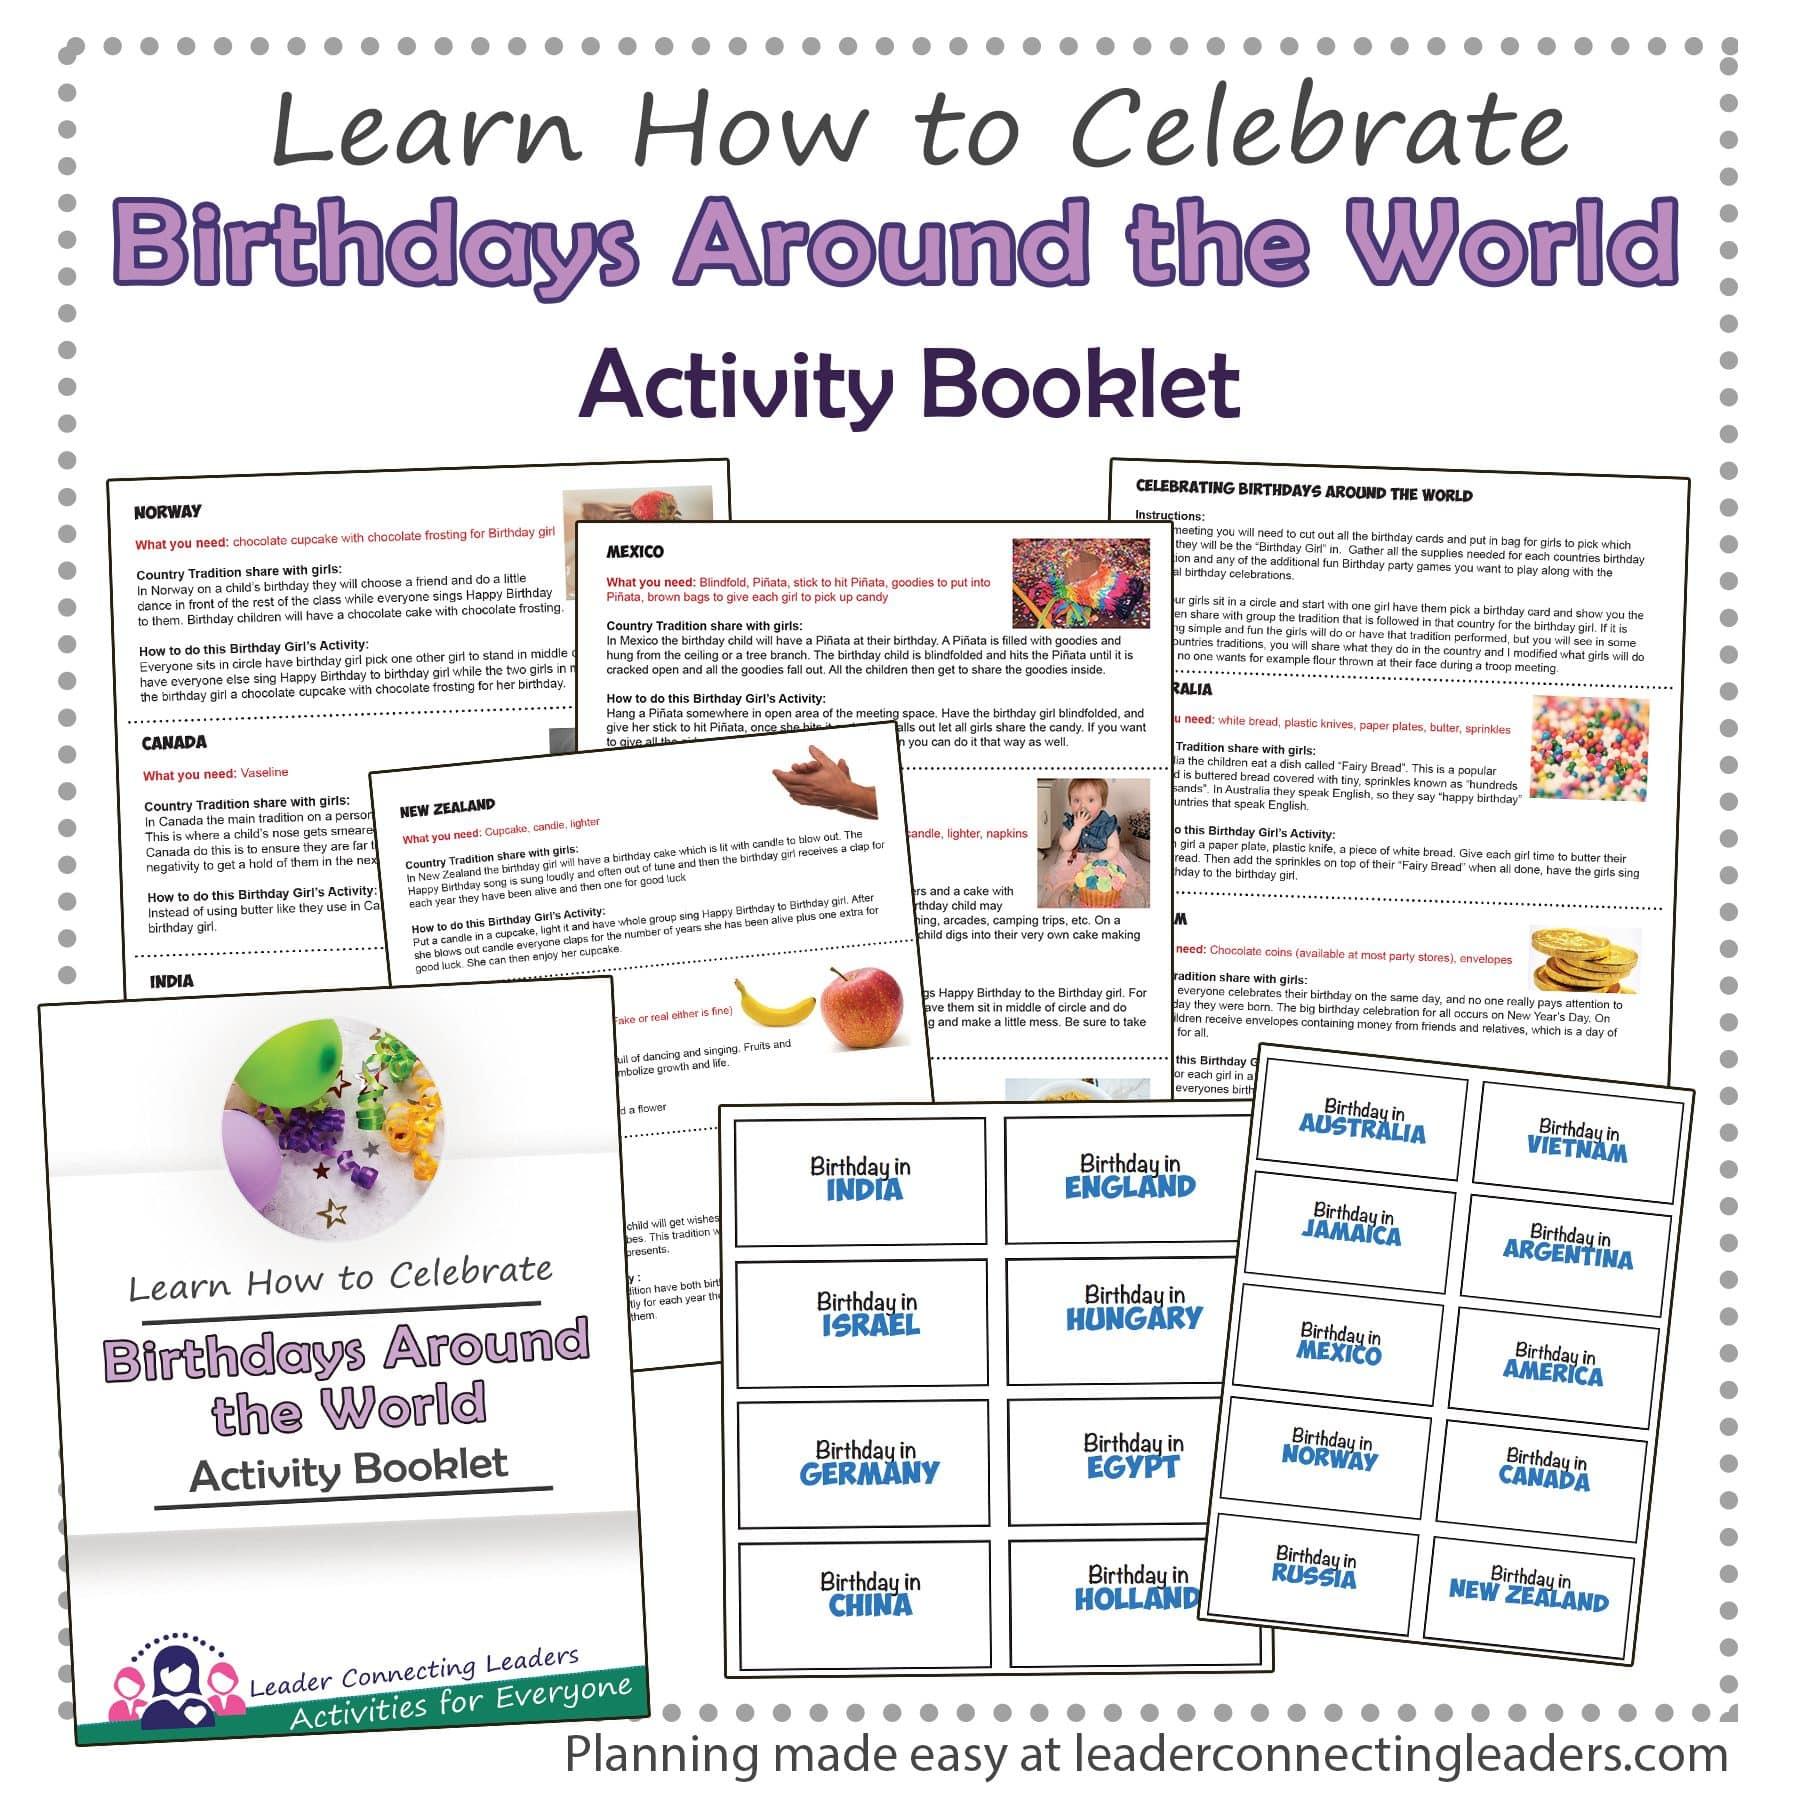 Birthdays Around the World Activity Booklet